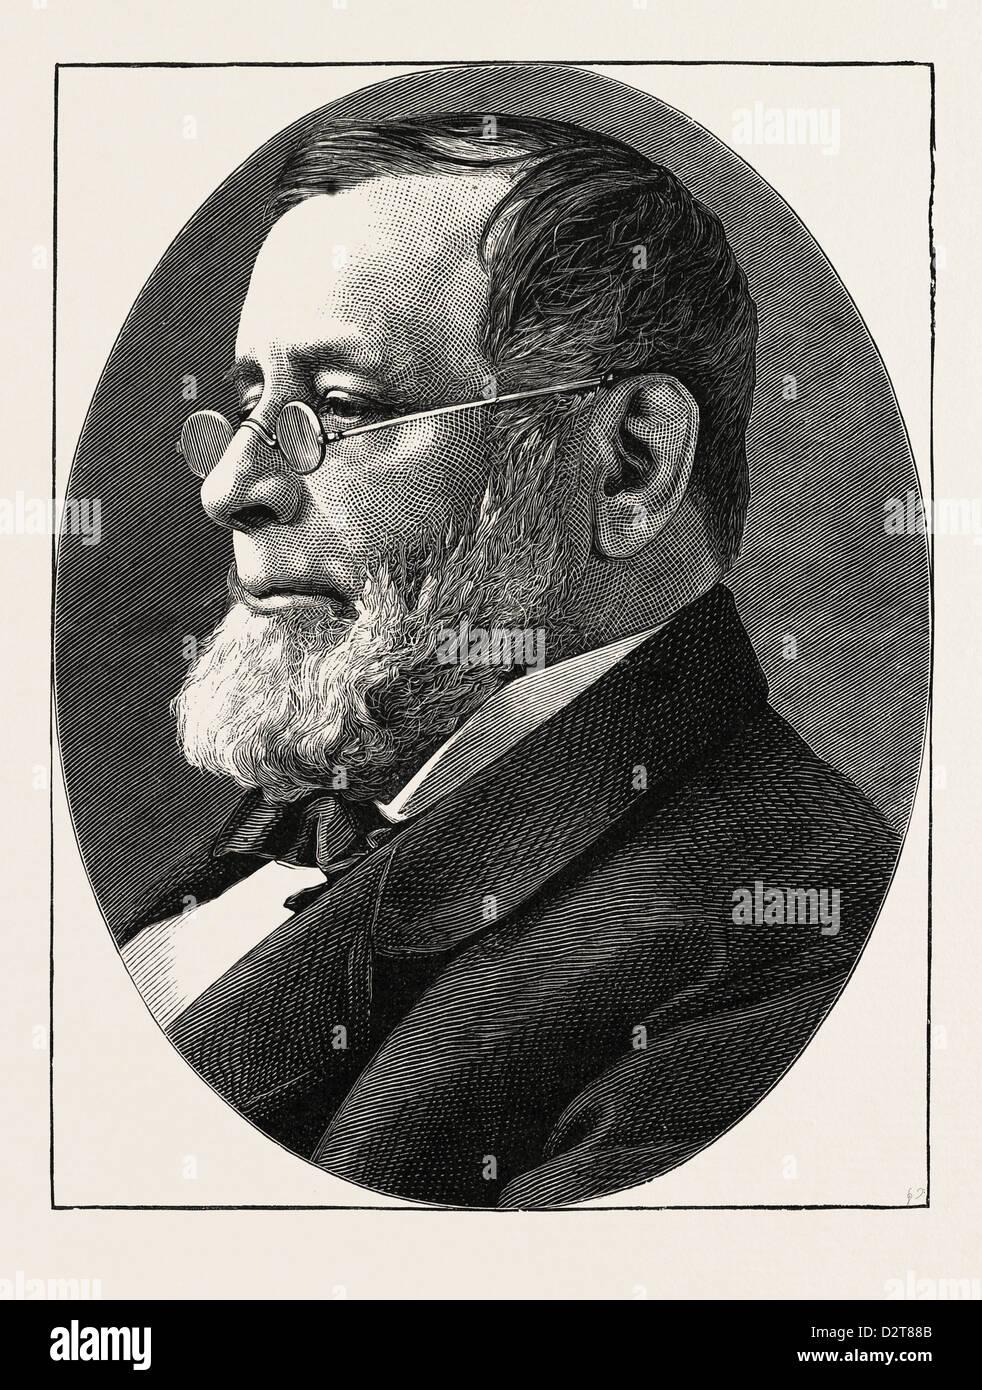 Il compianto REV. Il DR. EDWIN H. CHAPIN 1814 - 1880 Parroco della chiesa della divina paternità DI NEW YORK. Immagini Stock